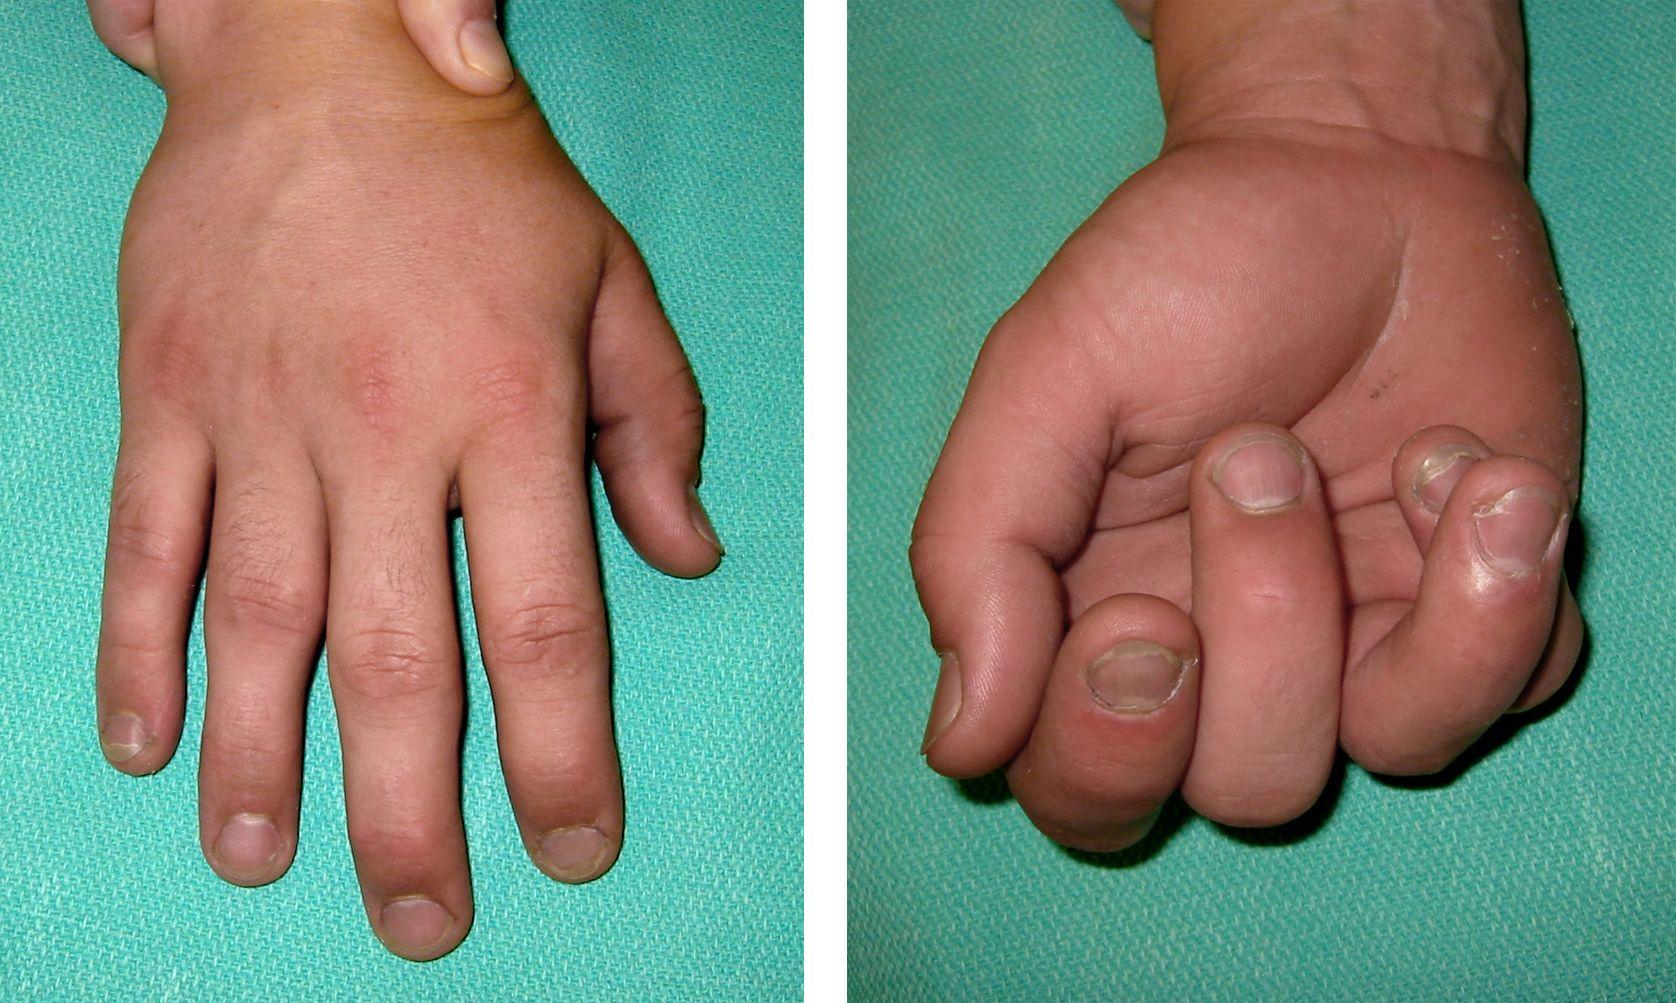 Fractured finger